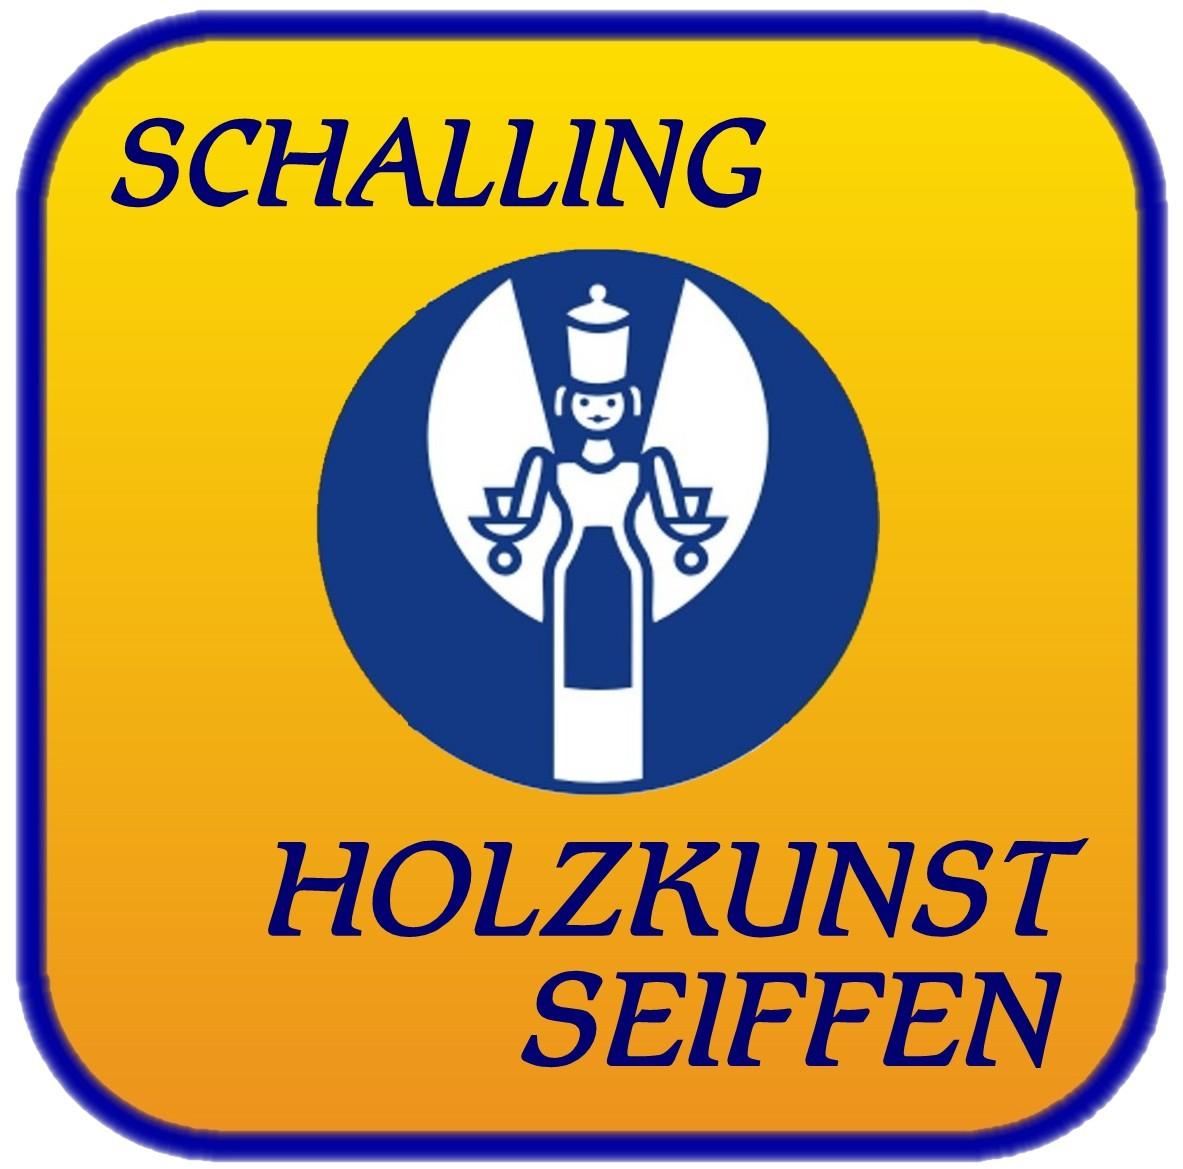 Schalling Holzkunst Seiffen, Emil A. Schalling